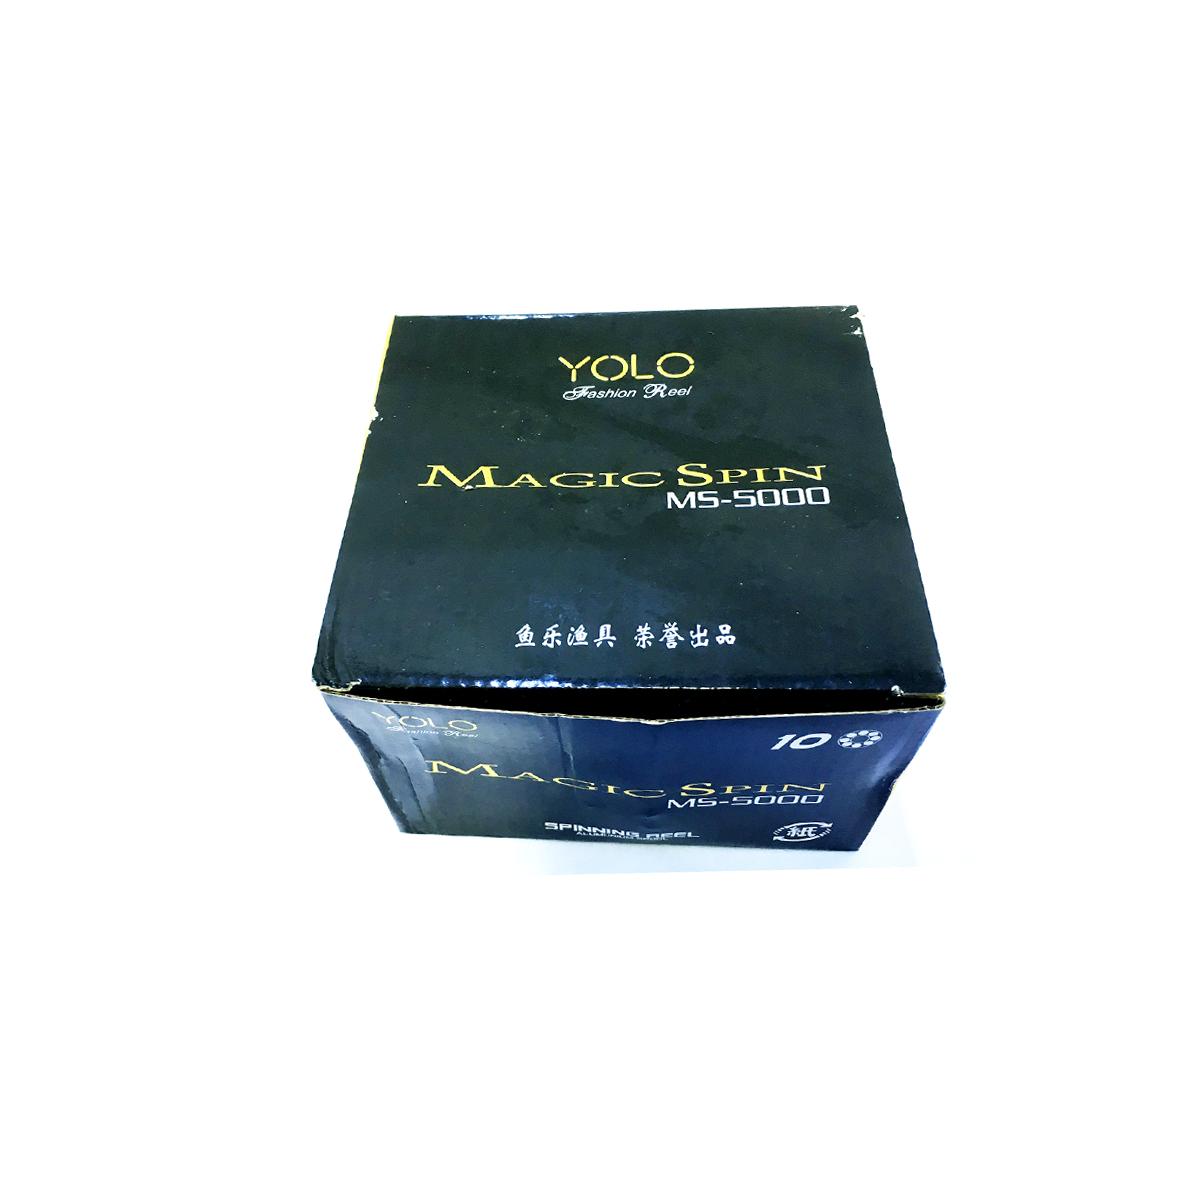 Máy Câu Cá Yolo Magic Spin MS5000 - Chính hãng bảo hành 3 tháng